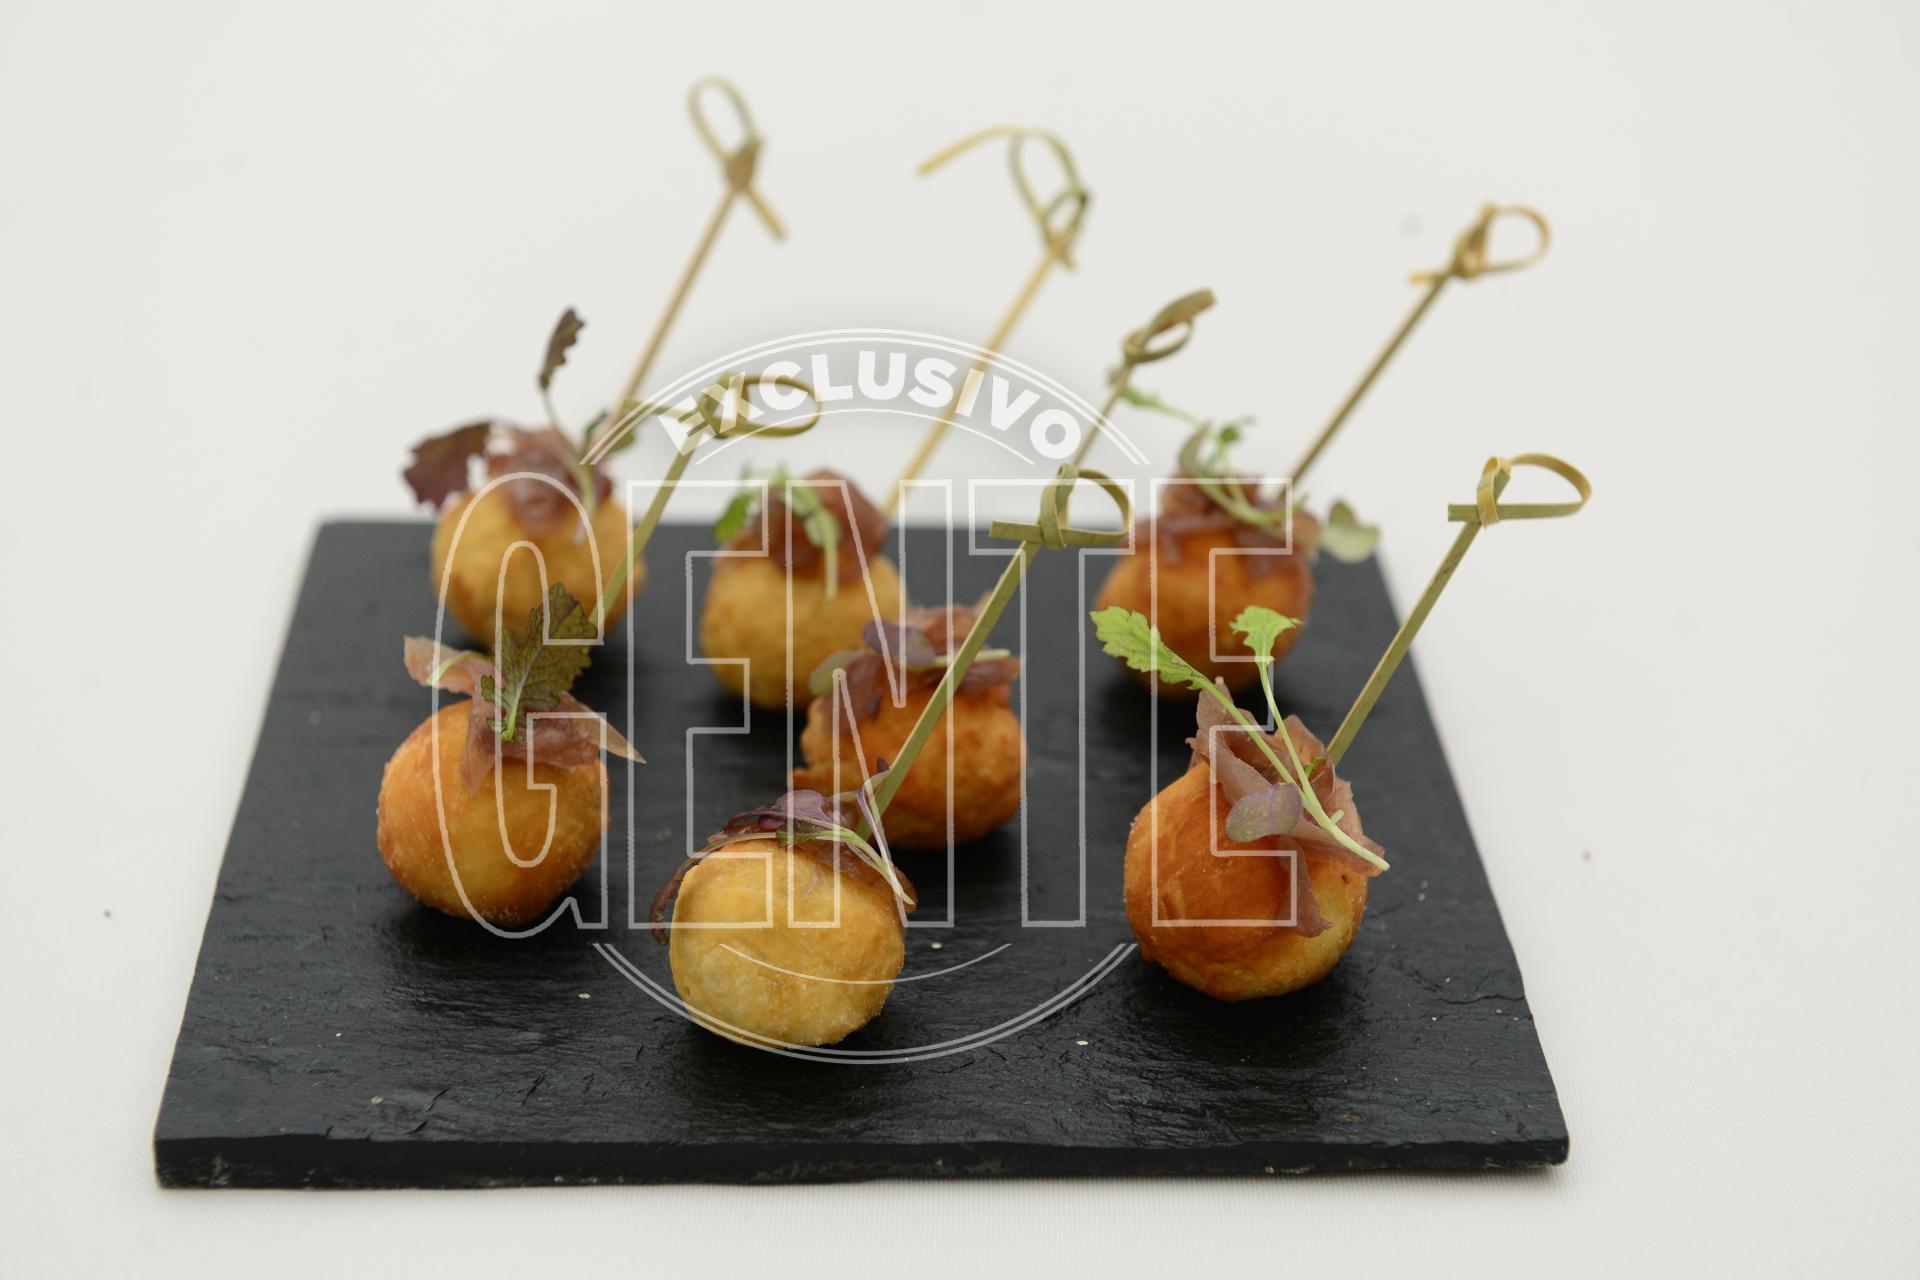 Buñuelos de cordero braseado con cebolla caramelizada en Malbec.